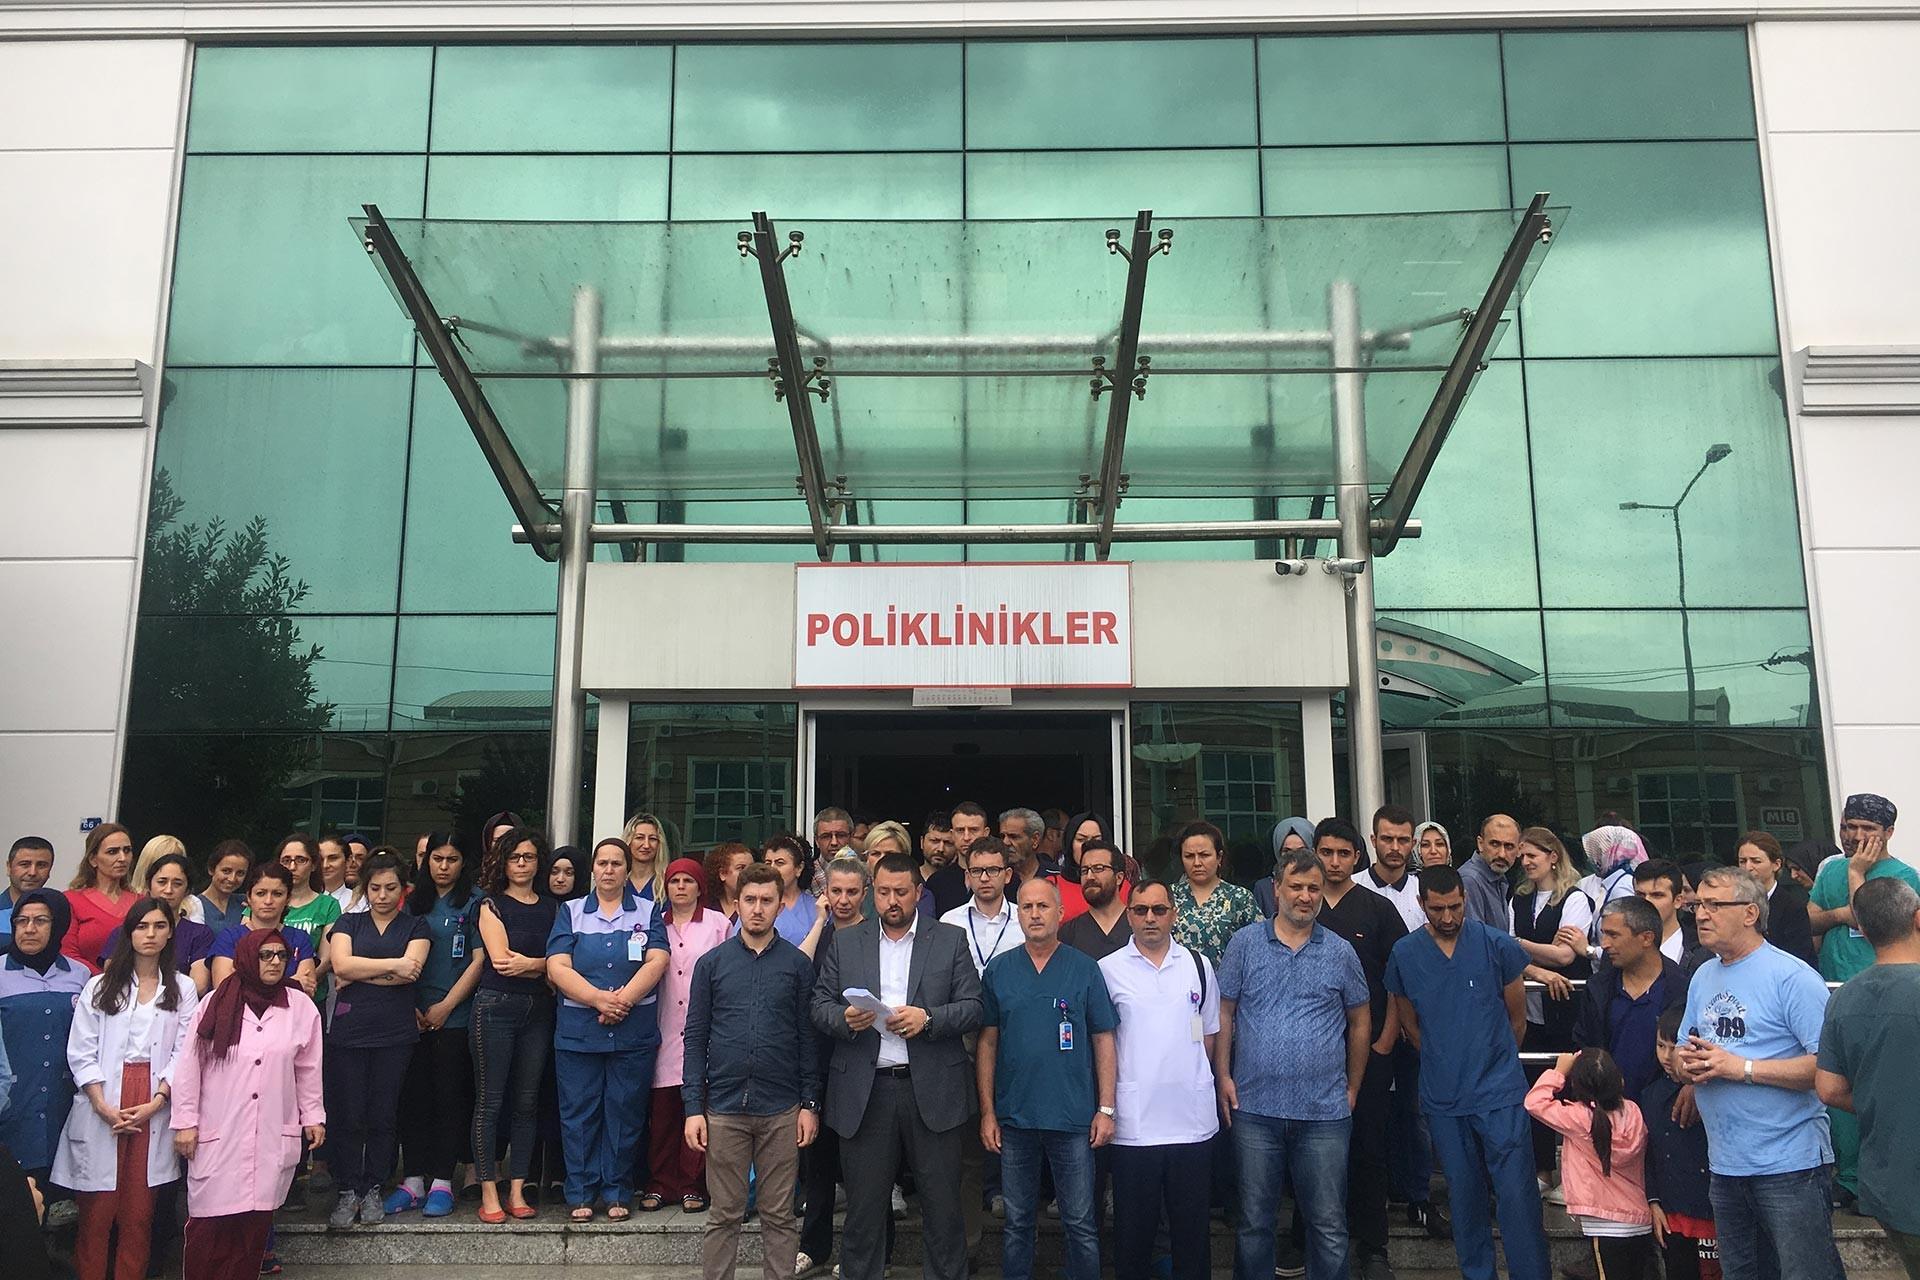 Sakarya'da sağlık çalışanlarına yapılan saldırının ardından Türk Sağlık-Sen hastane önünde açıklama yaptı